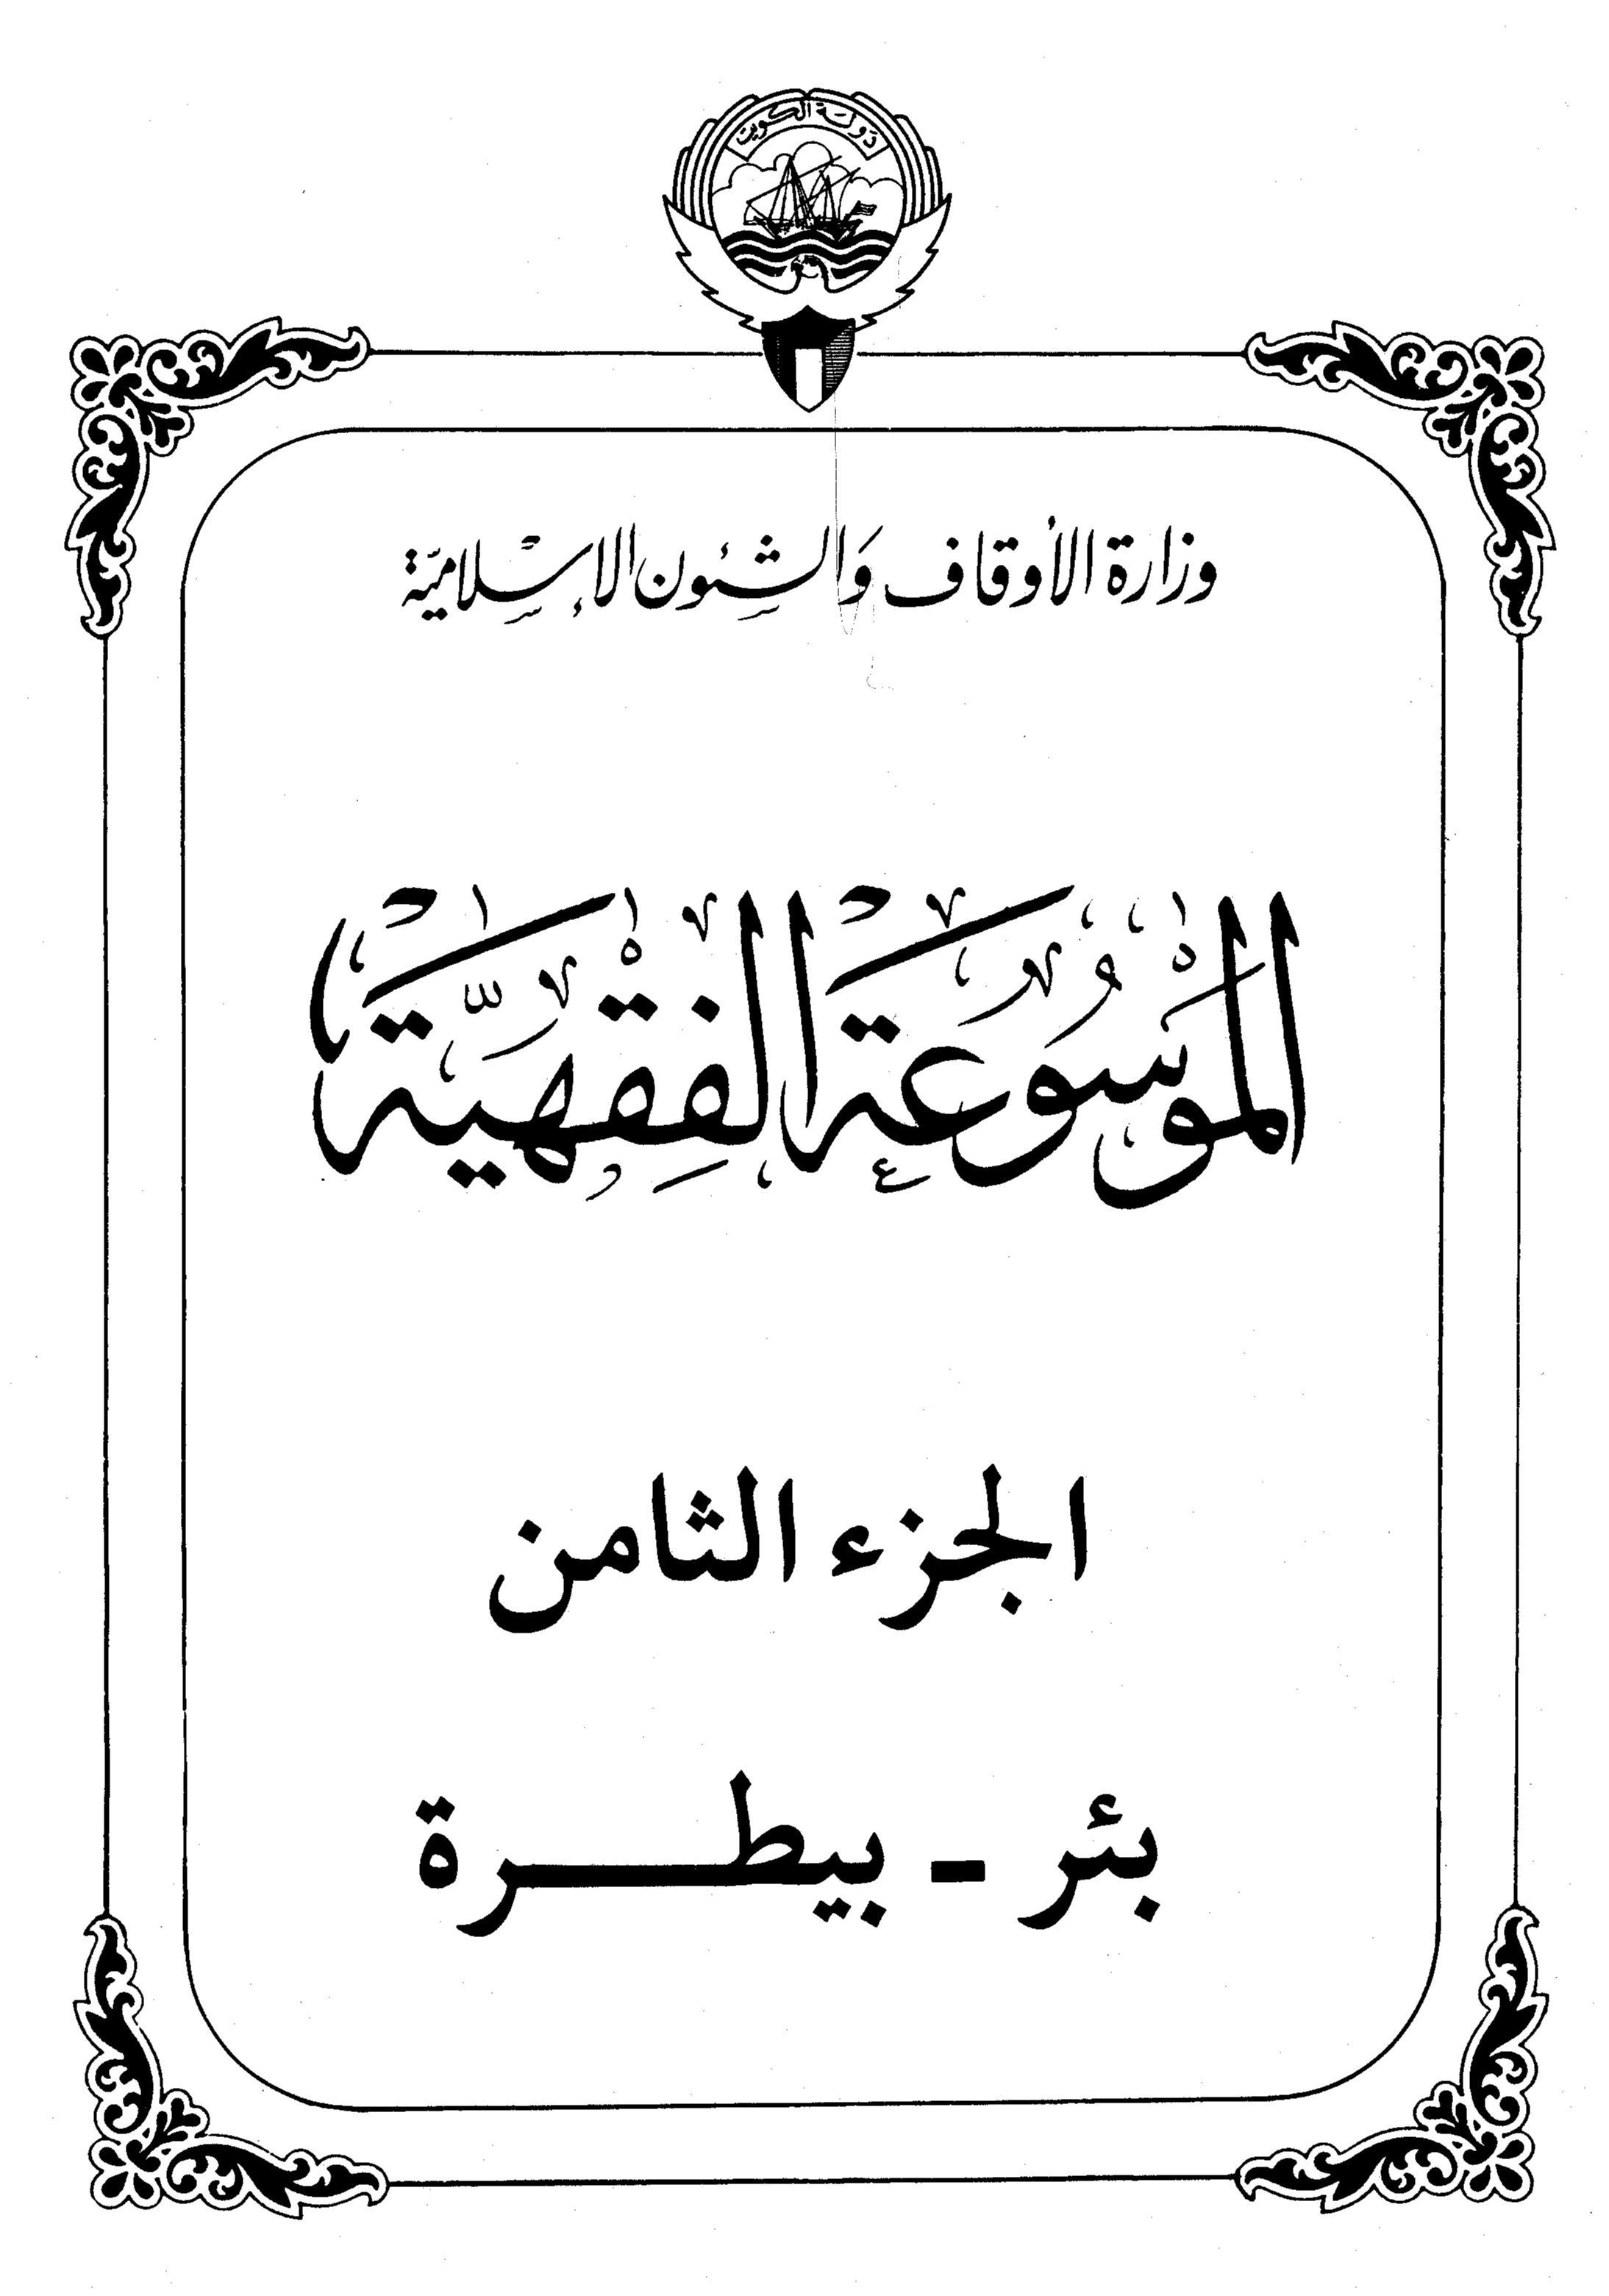 الموسوعة الفقهية الكويتية – الجزء الثامن (بئر – بيطرة)